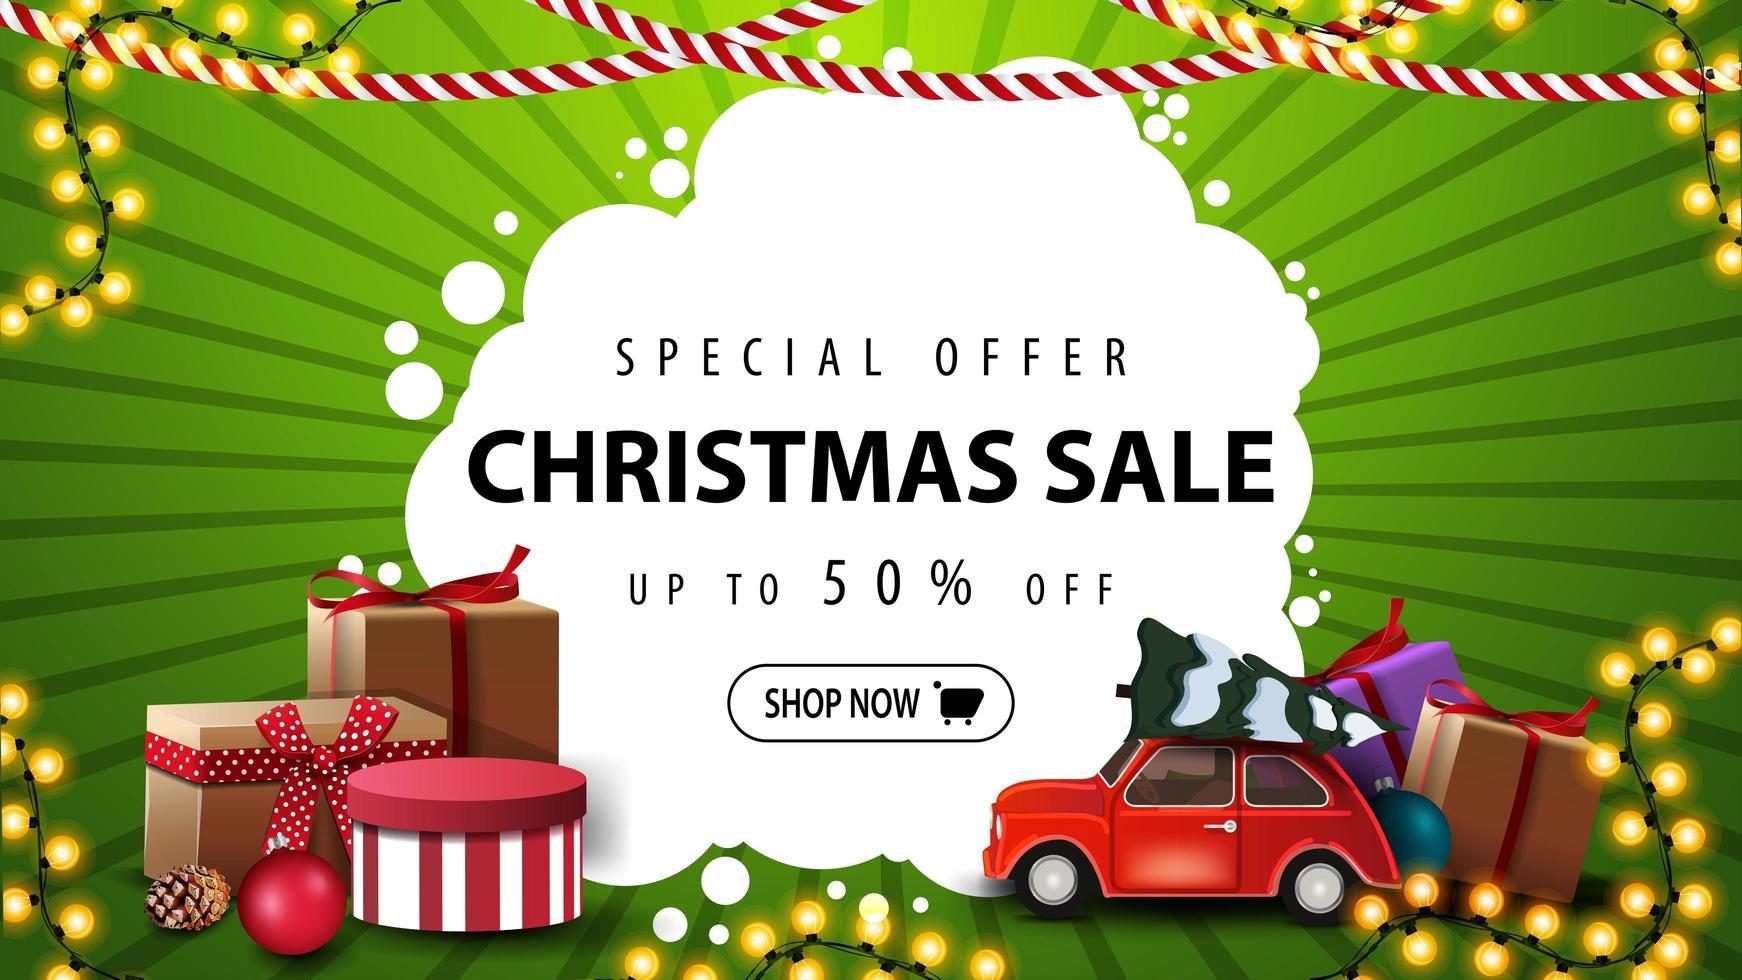 Sonderangebot, Weihnachtsverkauf, bis zu 50 Rabatt, grün-weißes Banner mit Geschenken, Girlande und rotem Oldtimer mit Weihnachtsbaum vektor